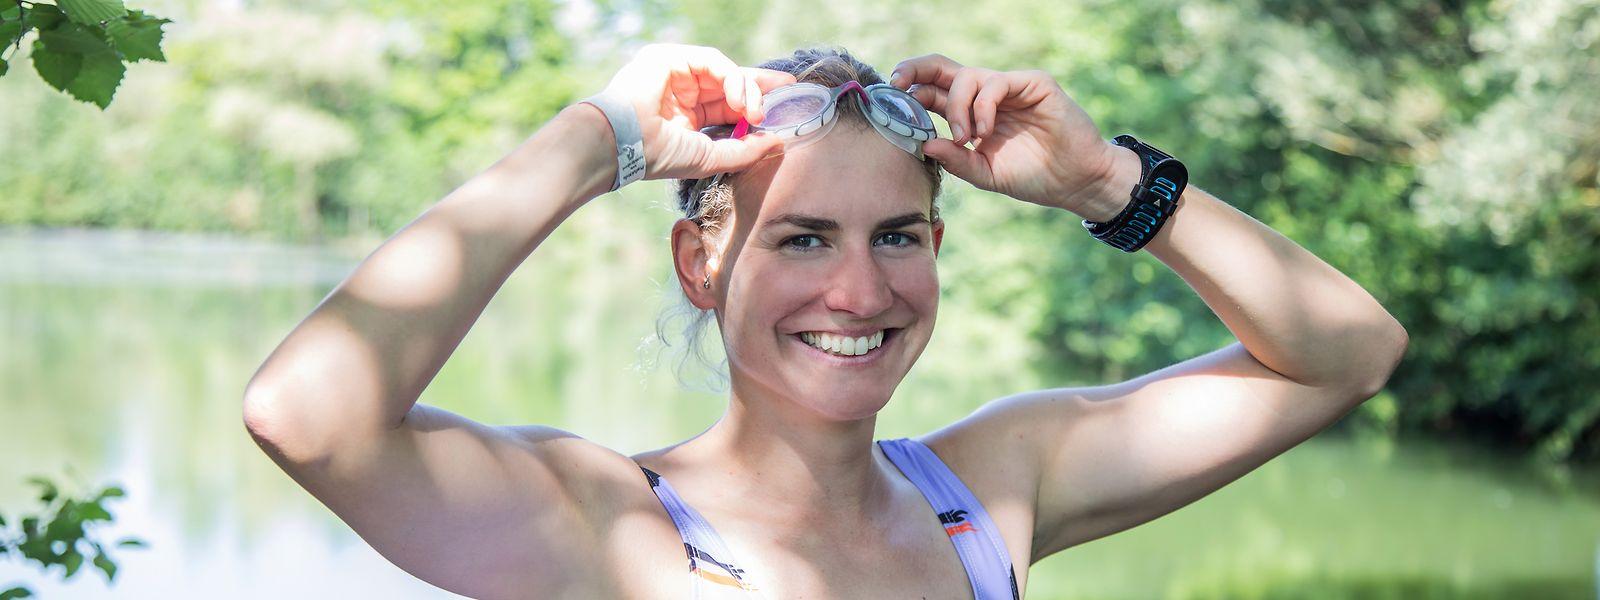 An Durchhaltevermögen fehlt es der Extremschwimmerin Paule Kremer definitiv nicht. Nach der Durchquerung des Ärmelkanals nimmt sie weitere sportliche Herausforderungen in Angriff.